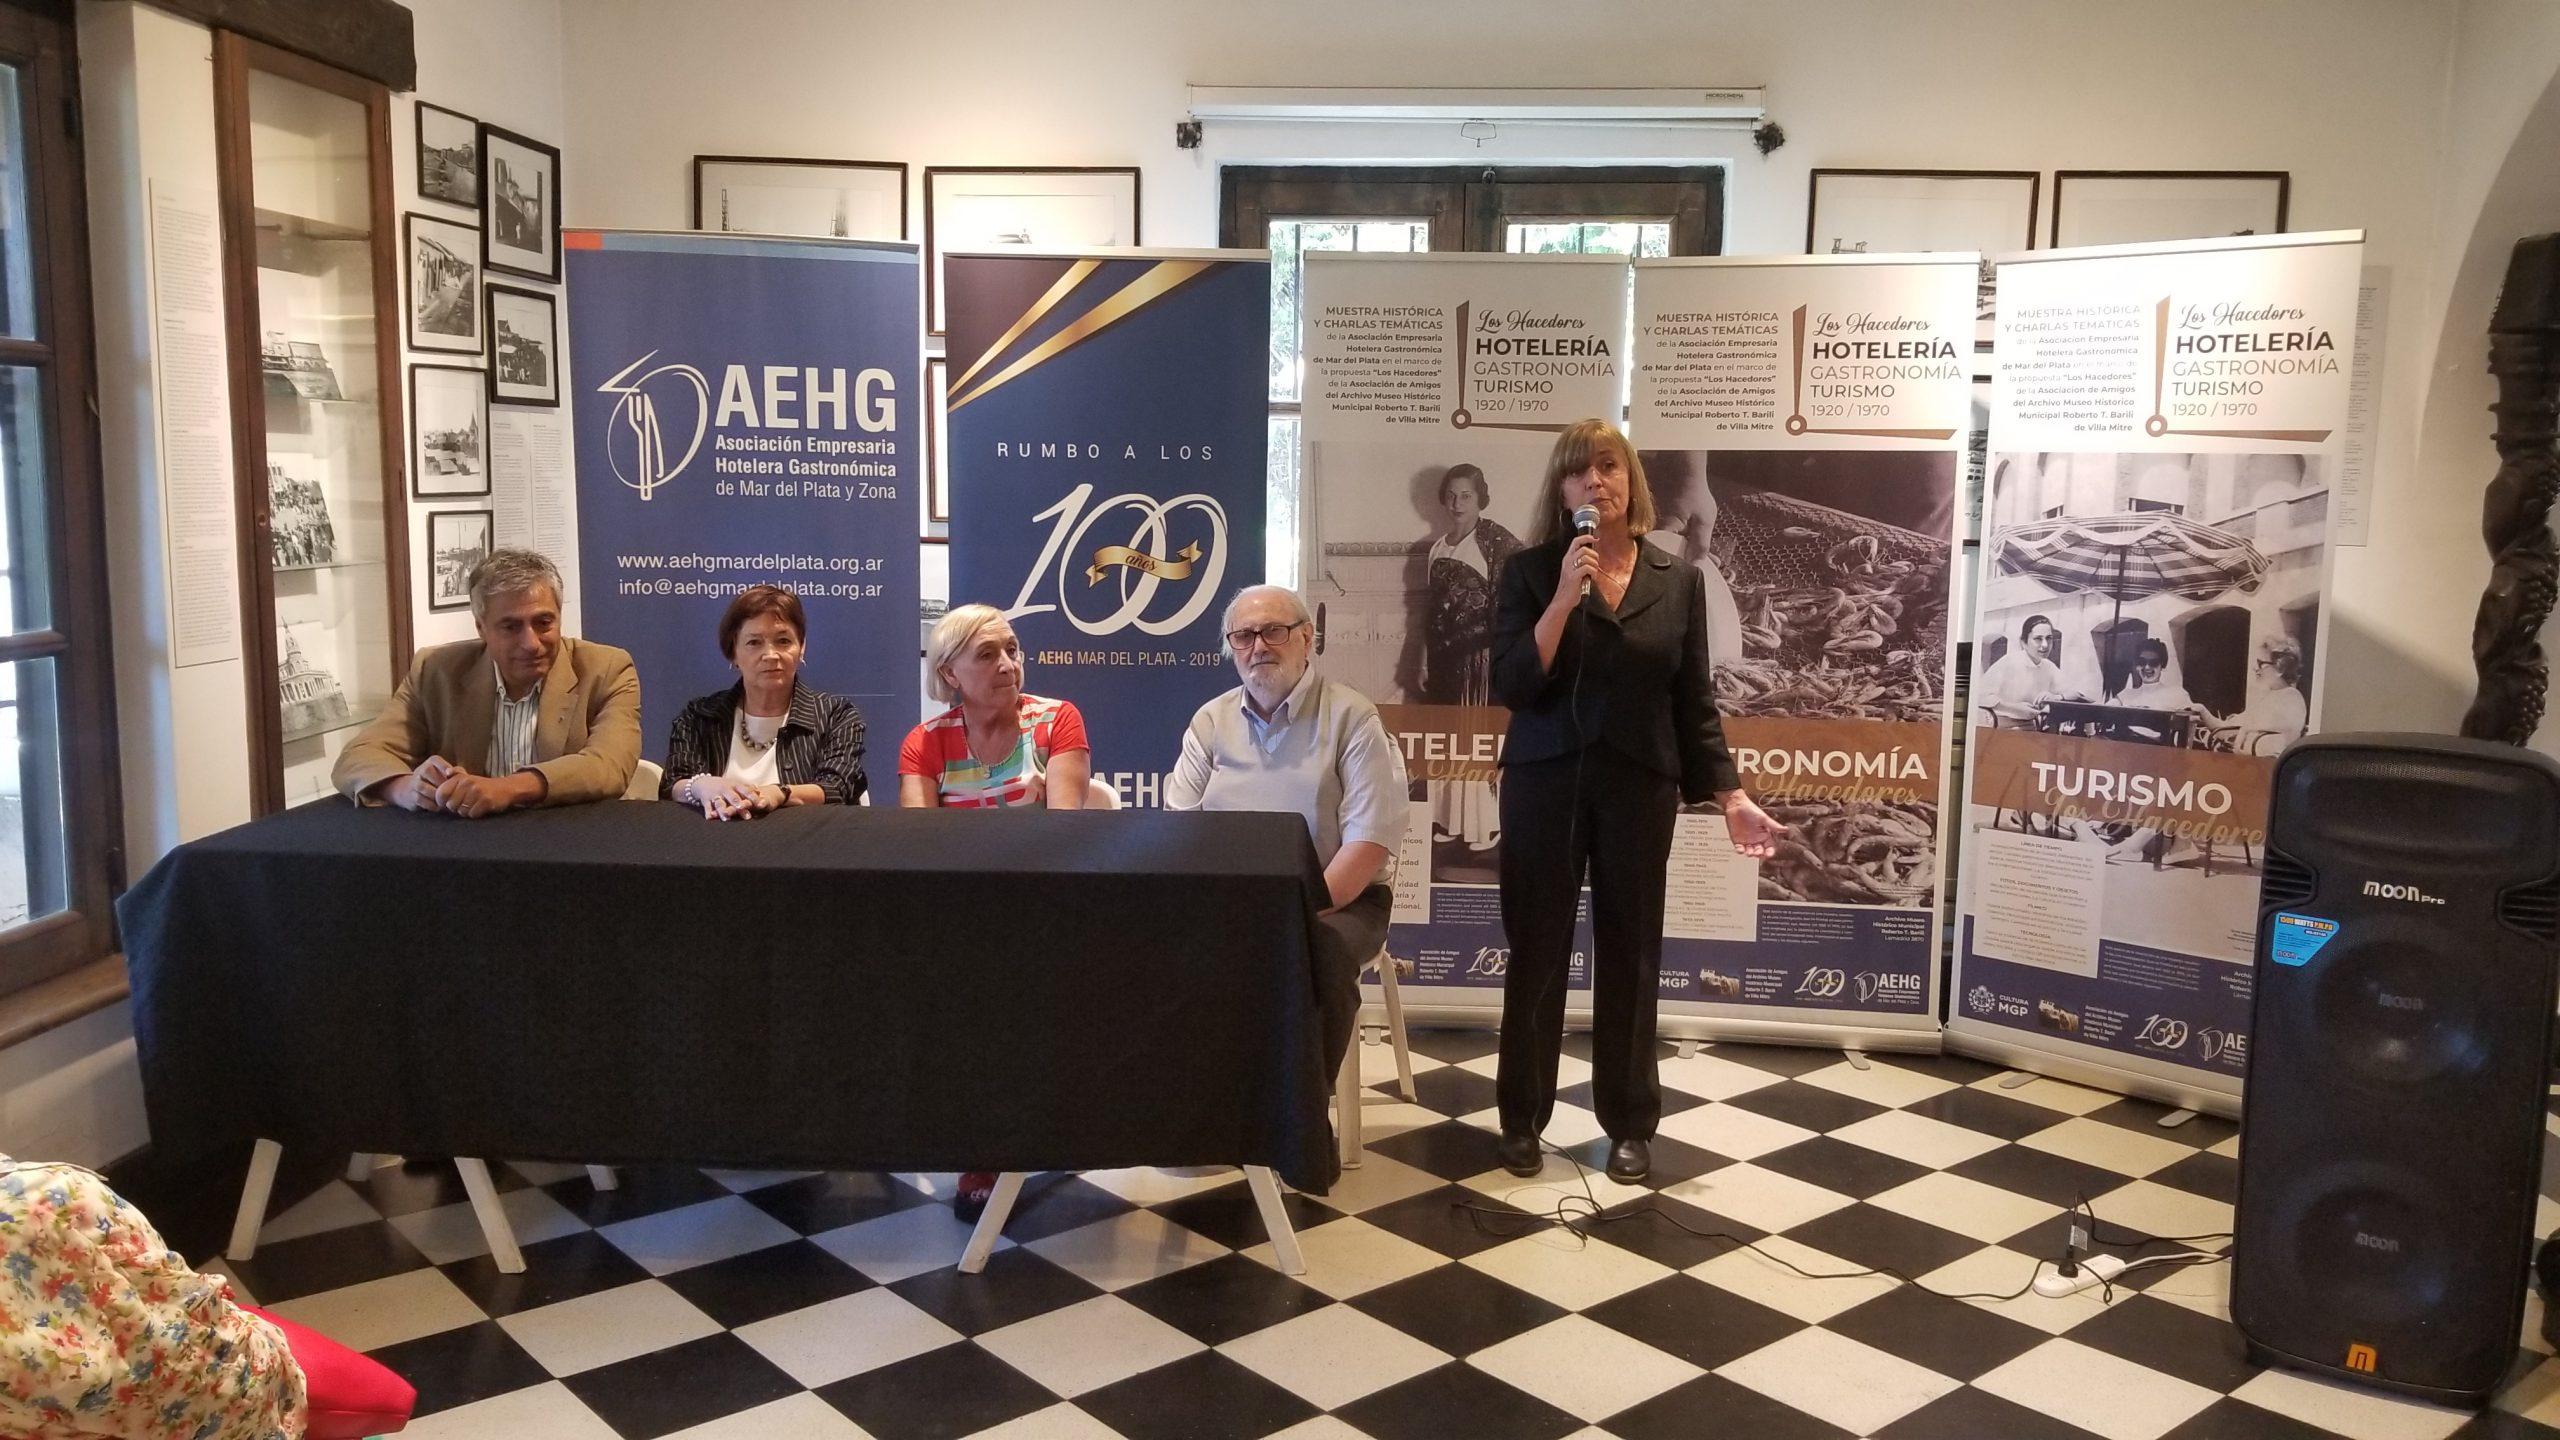 La Asociación Hotelera presentó una muestra en Villa Mitre